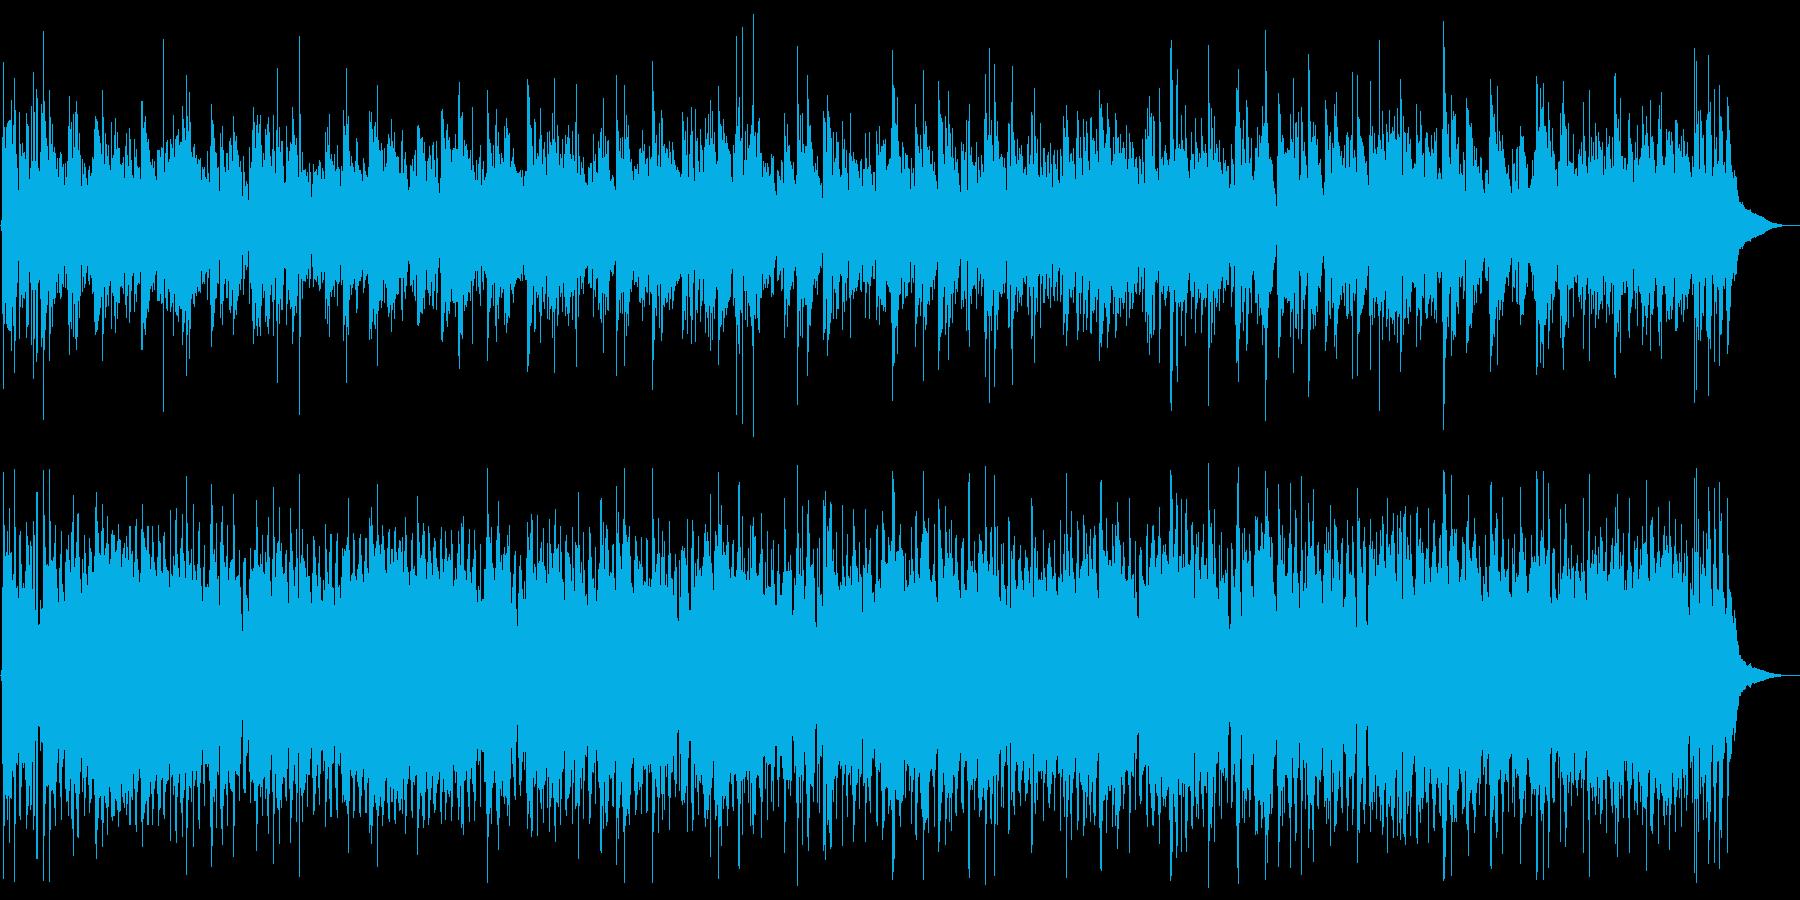 G線上のアリア) ボサノバアレンジの再生済みの波形